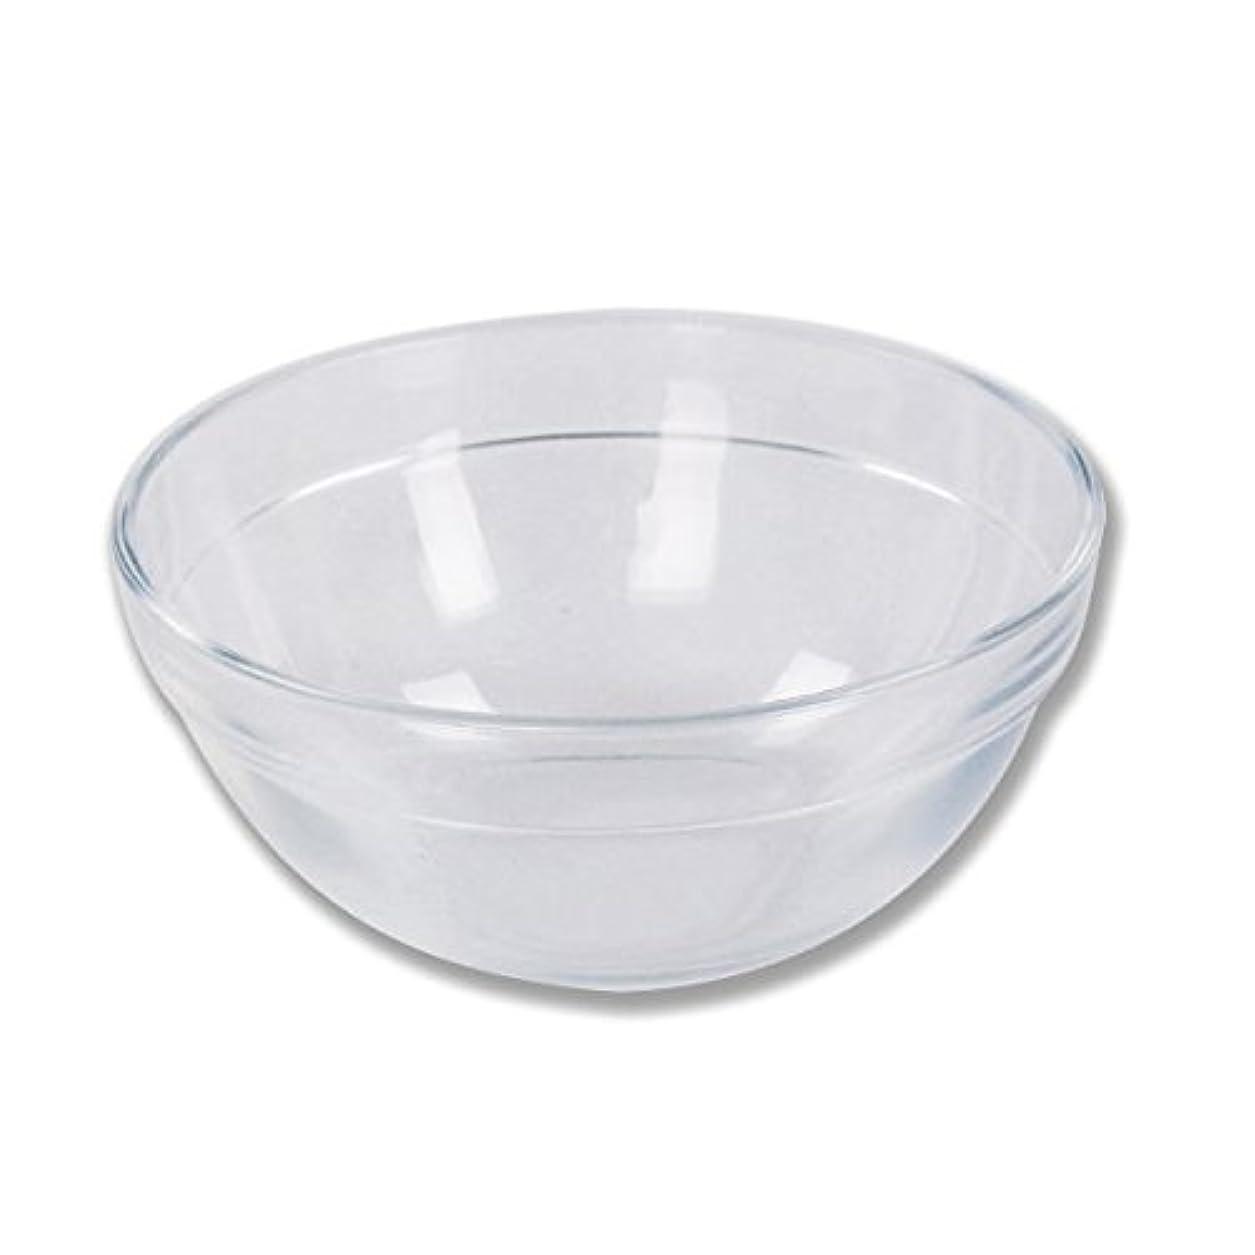 衝動従来の立証するガラスボウル (Sサイズ) [ ガラスボール カップボウル カップボール エステ サロン ガラス ボウル カップ 高級感 ]